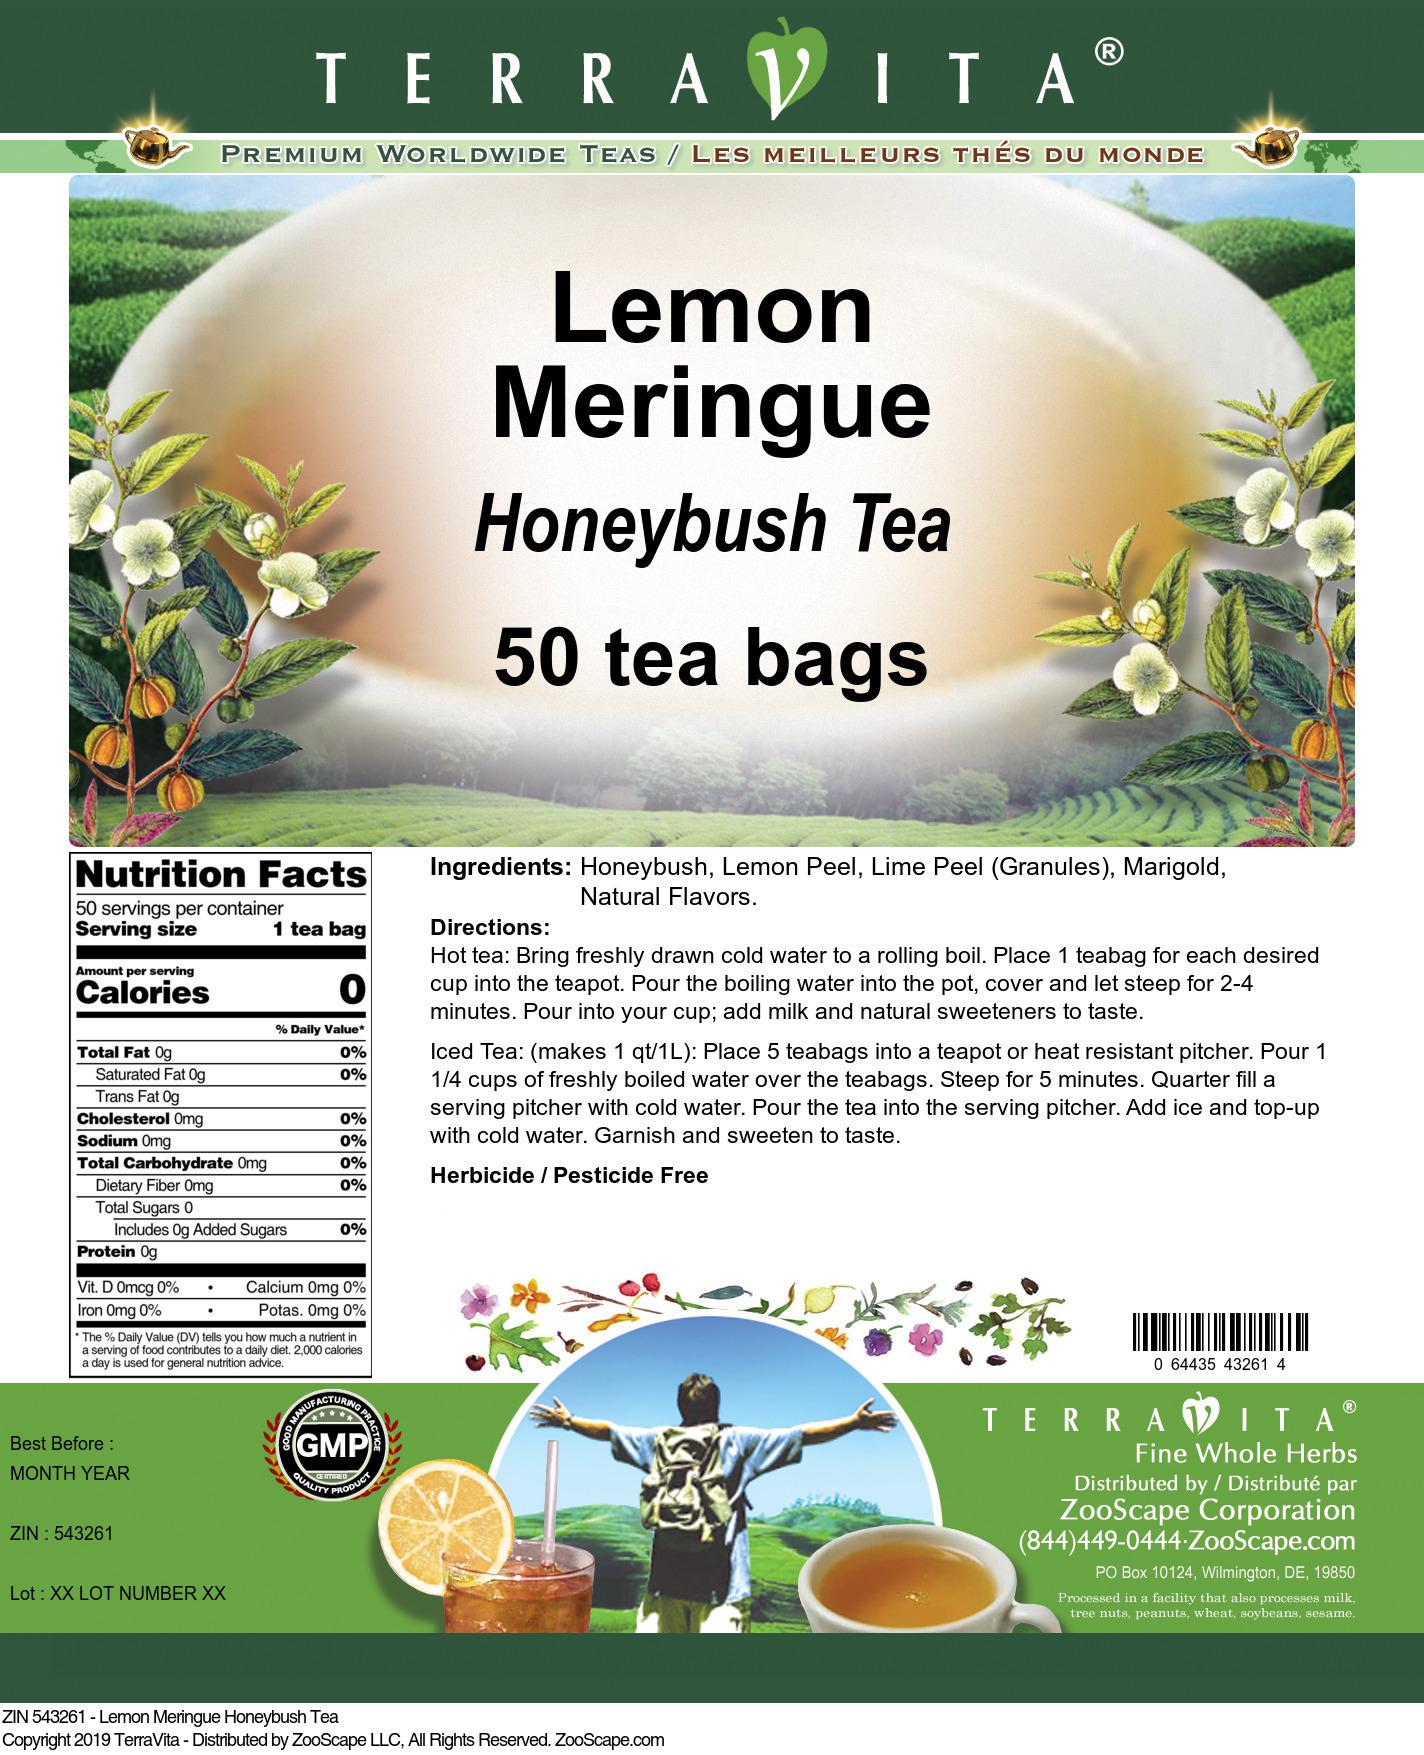 Lemon Meringue Honeybush Tea